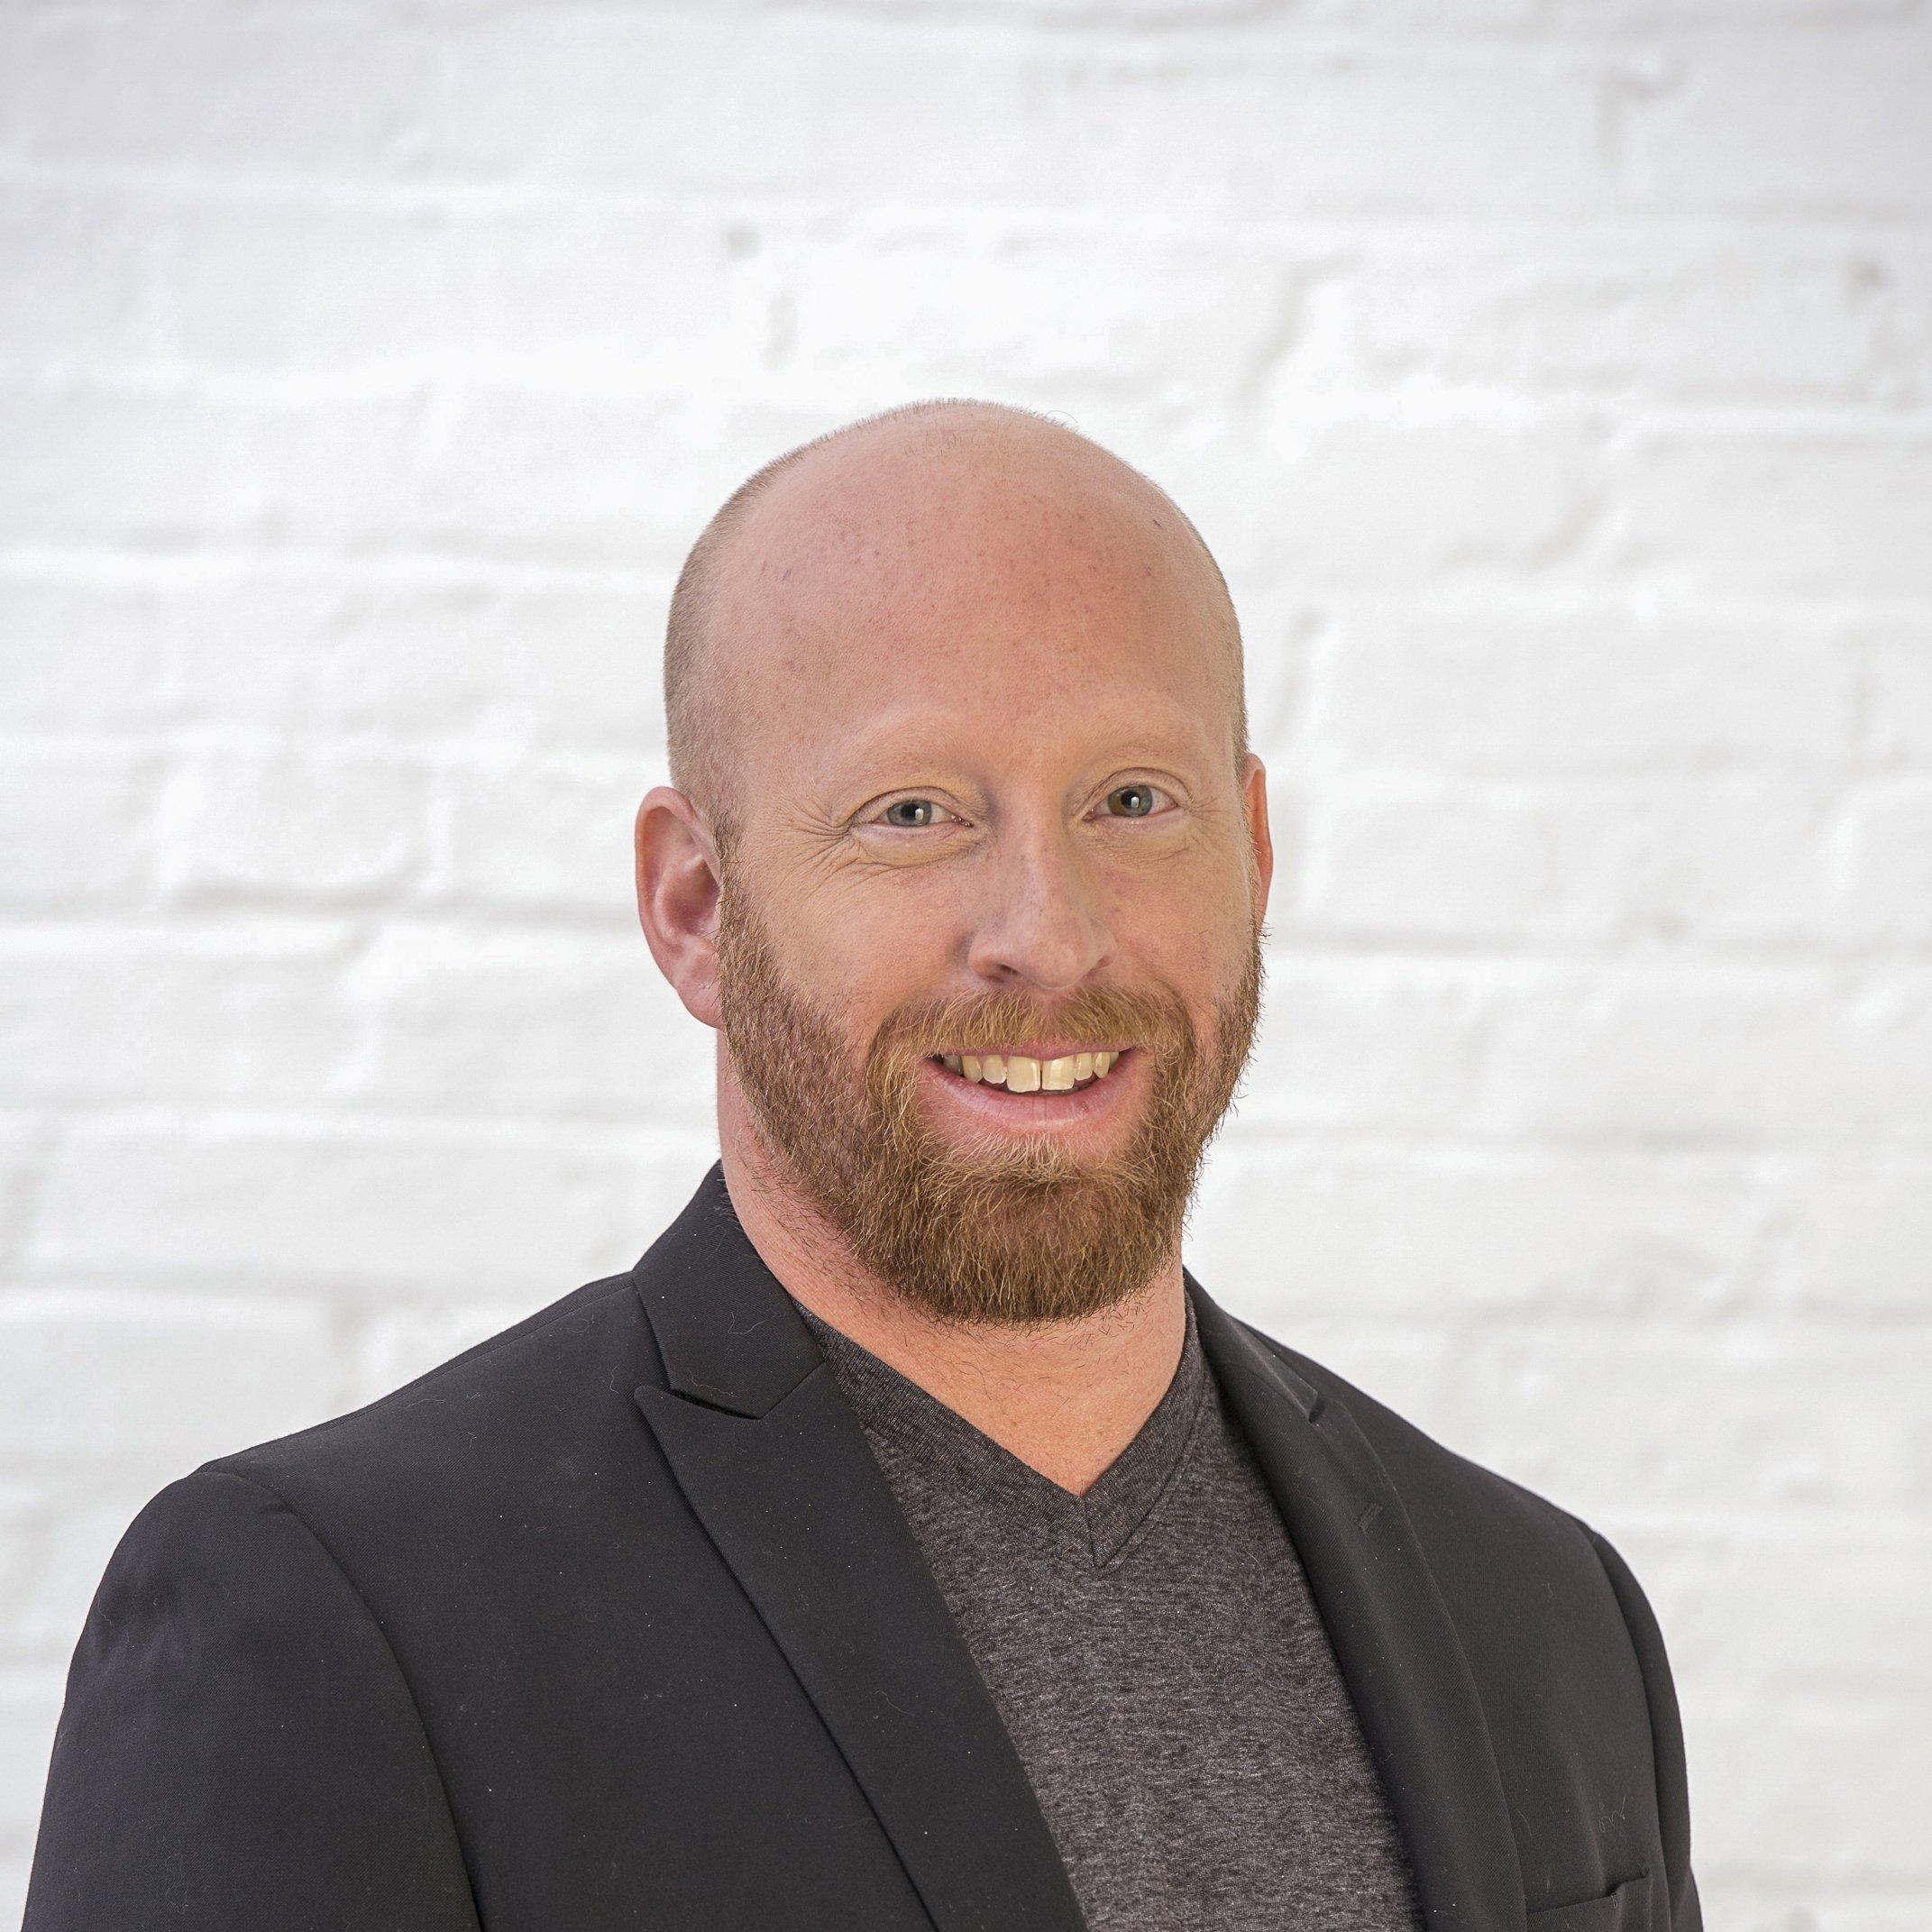 Aaron Wisniewski